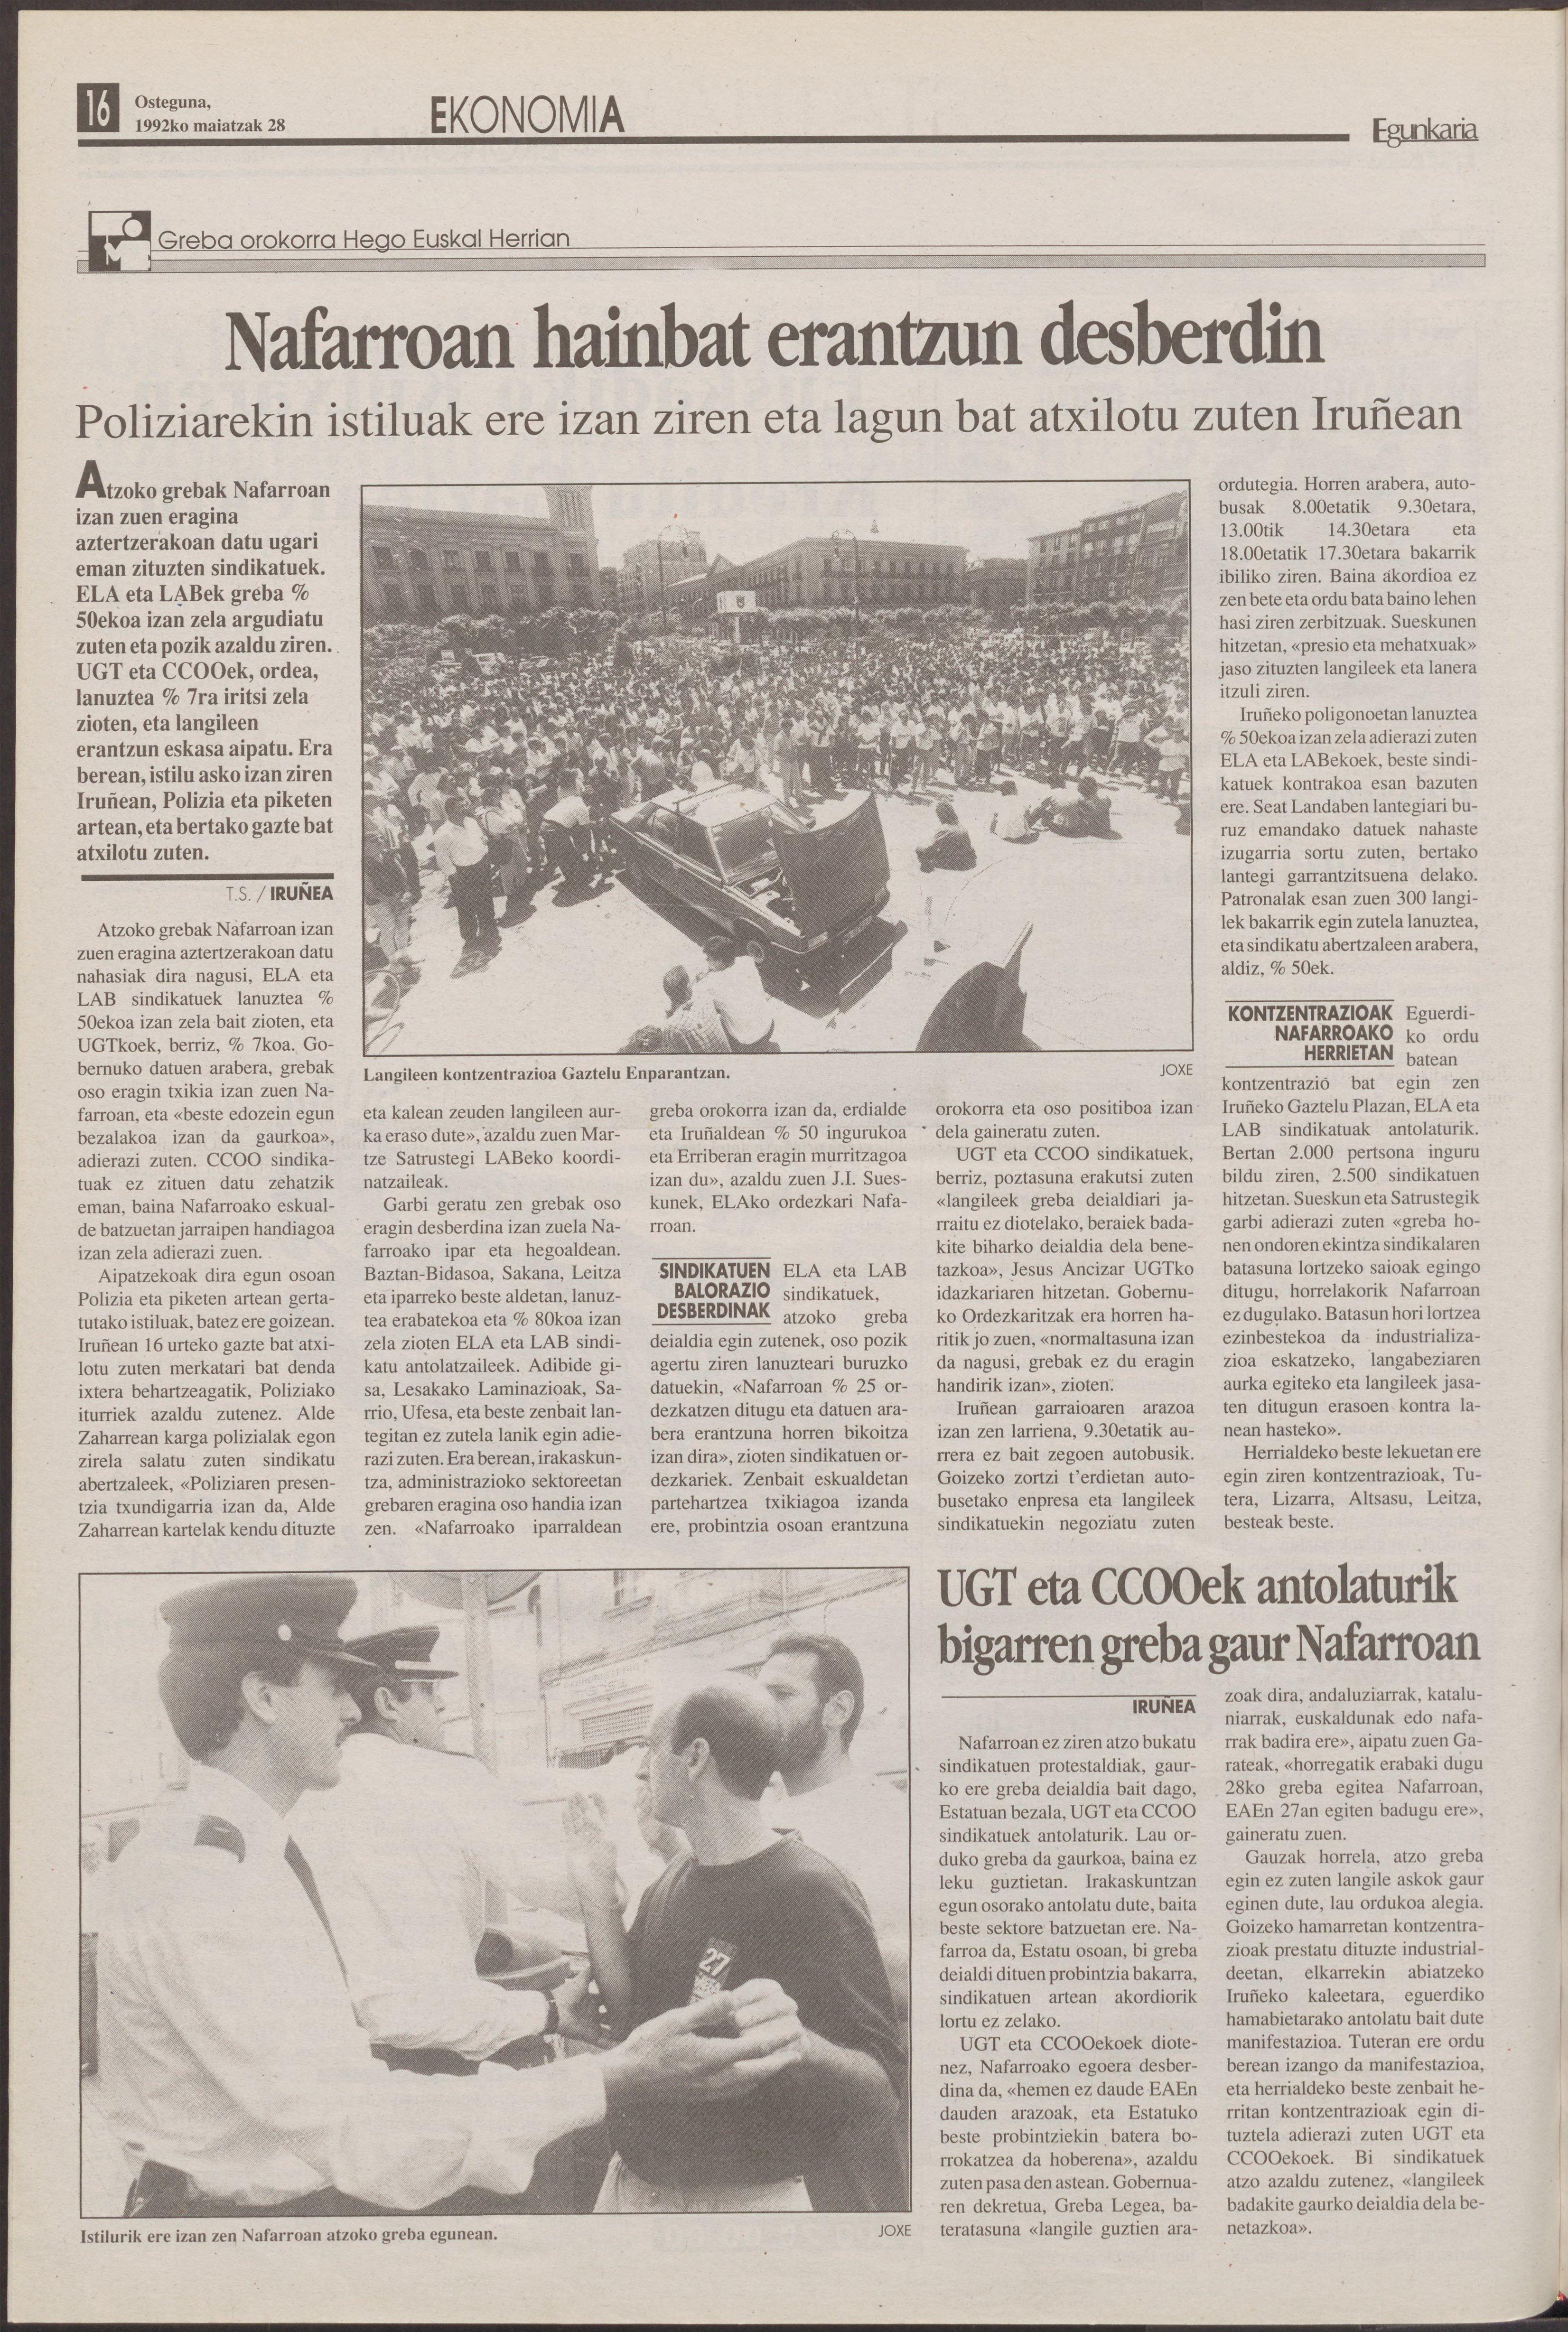 1992ko maiatzak 28, 16. orrialdea